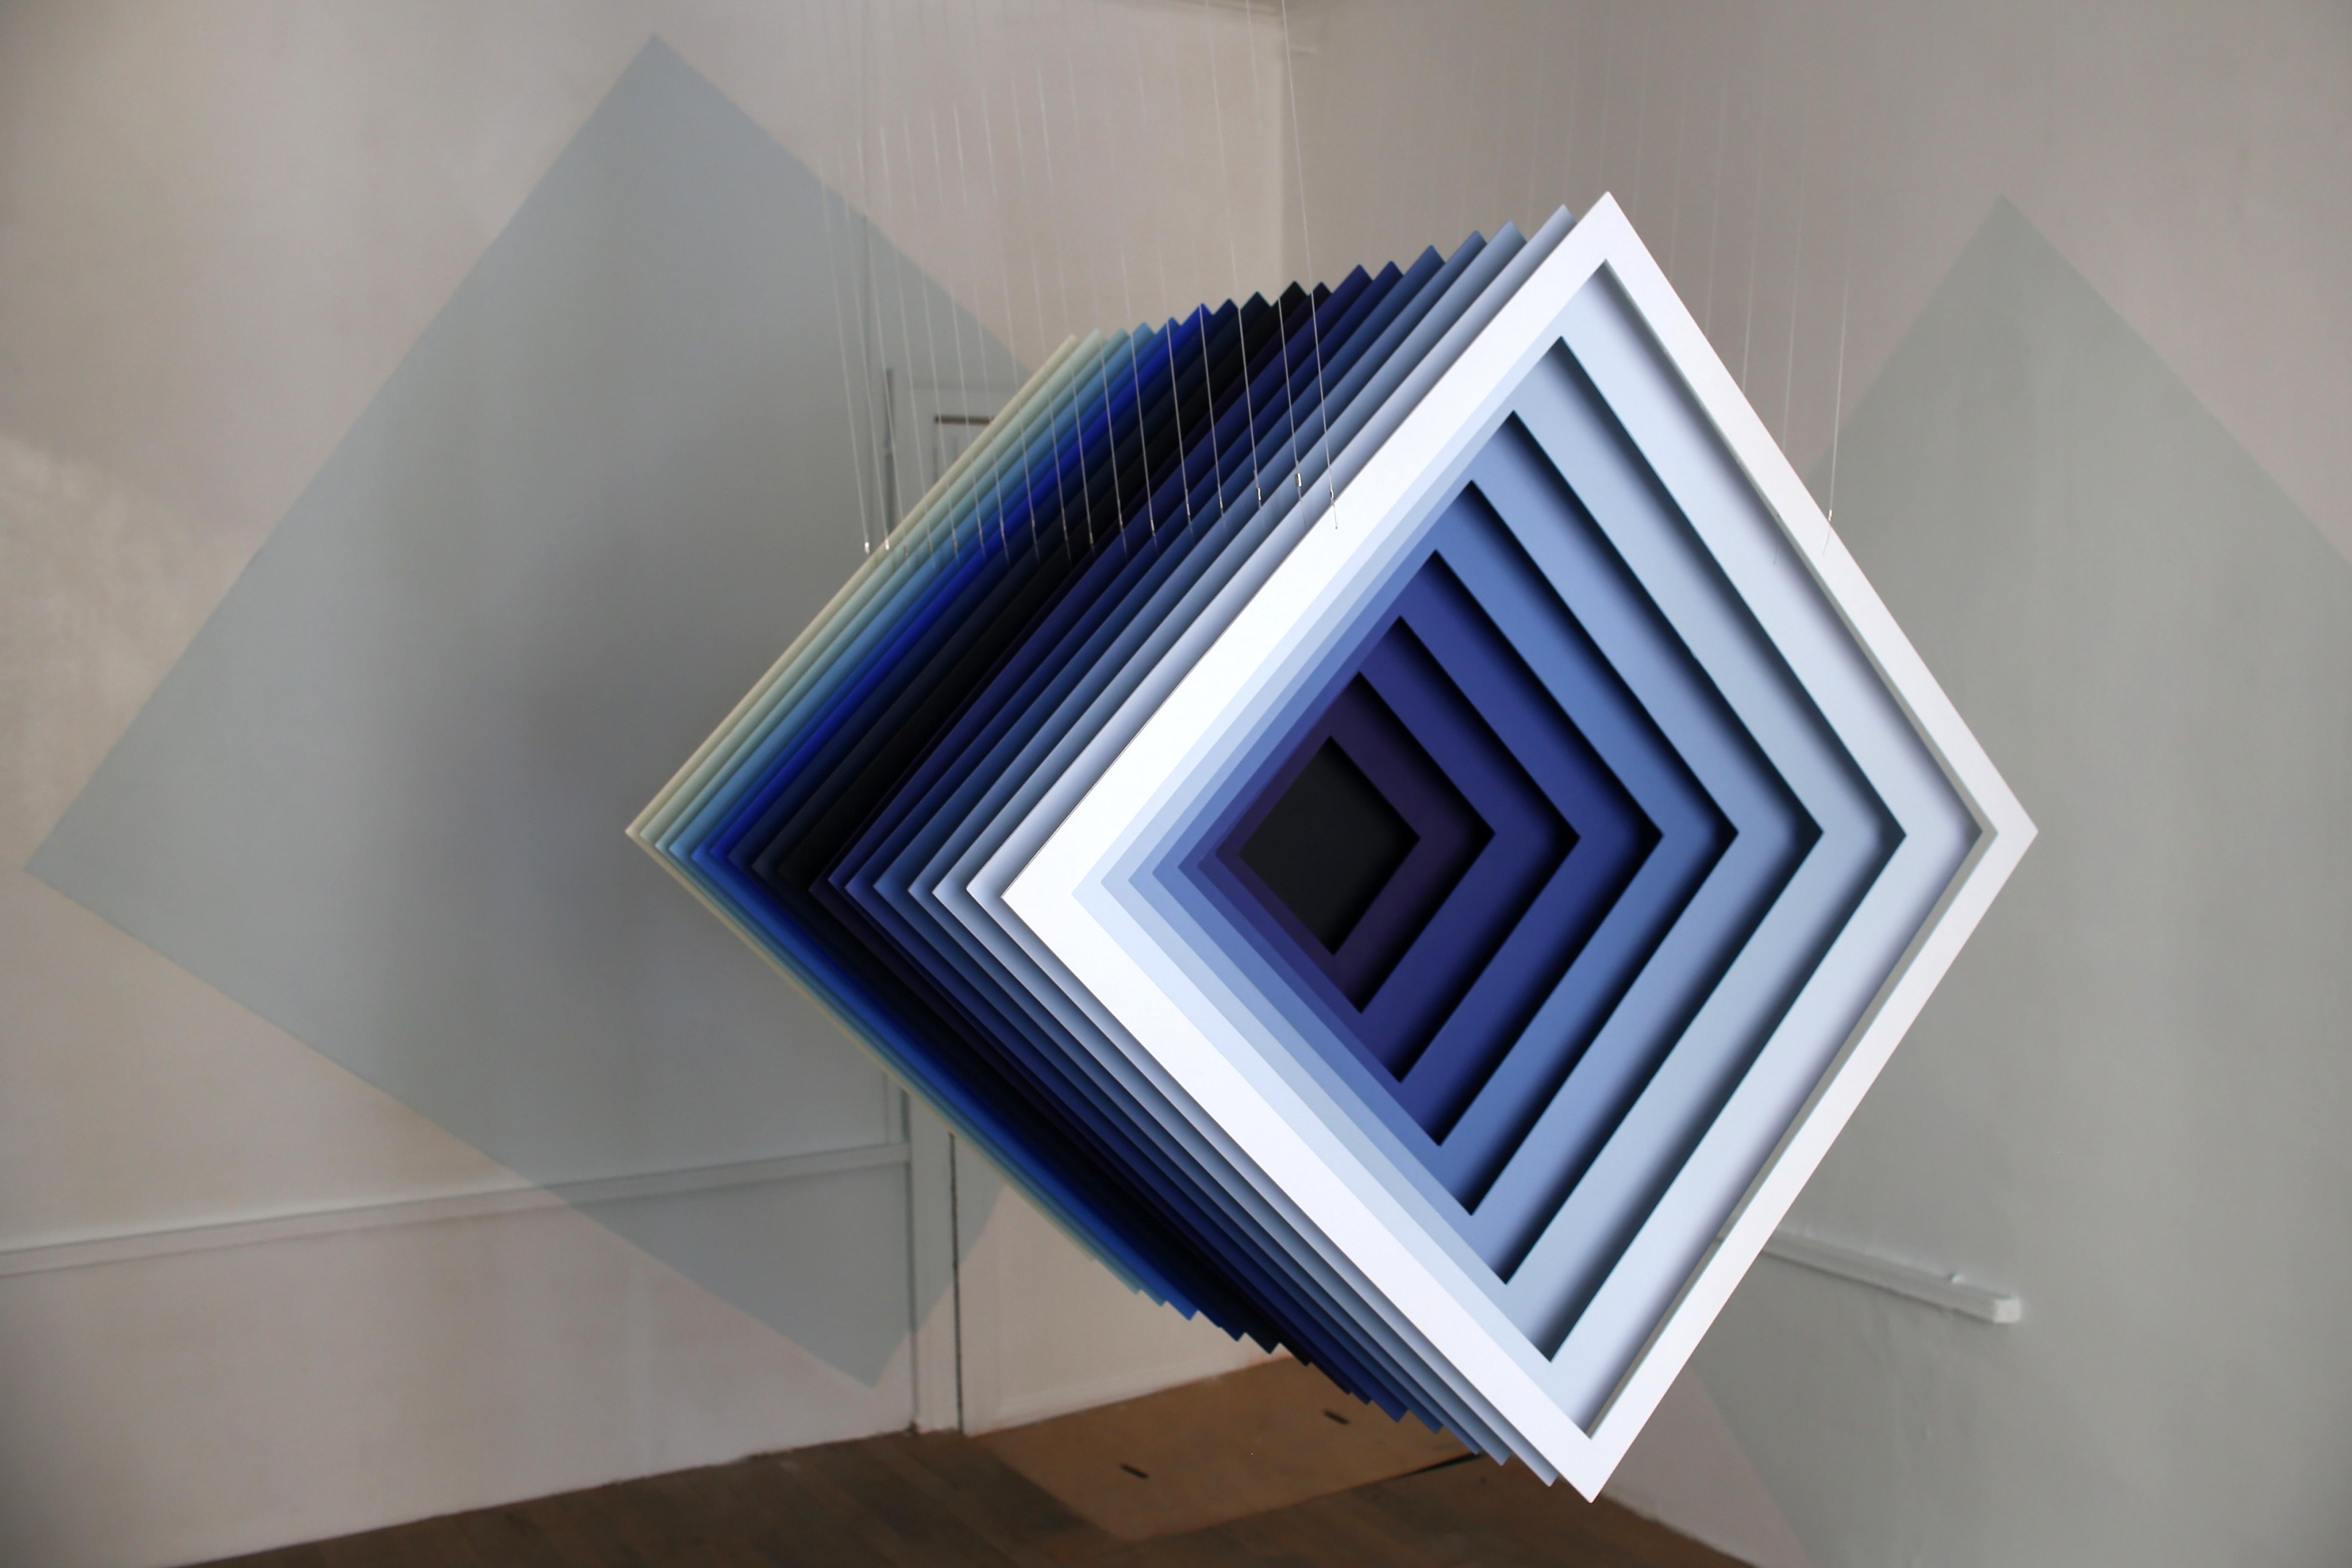 101-120x120cm-en-diagonale-carrc3a9s-80x80cm-1